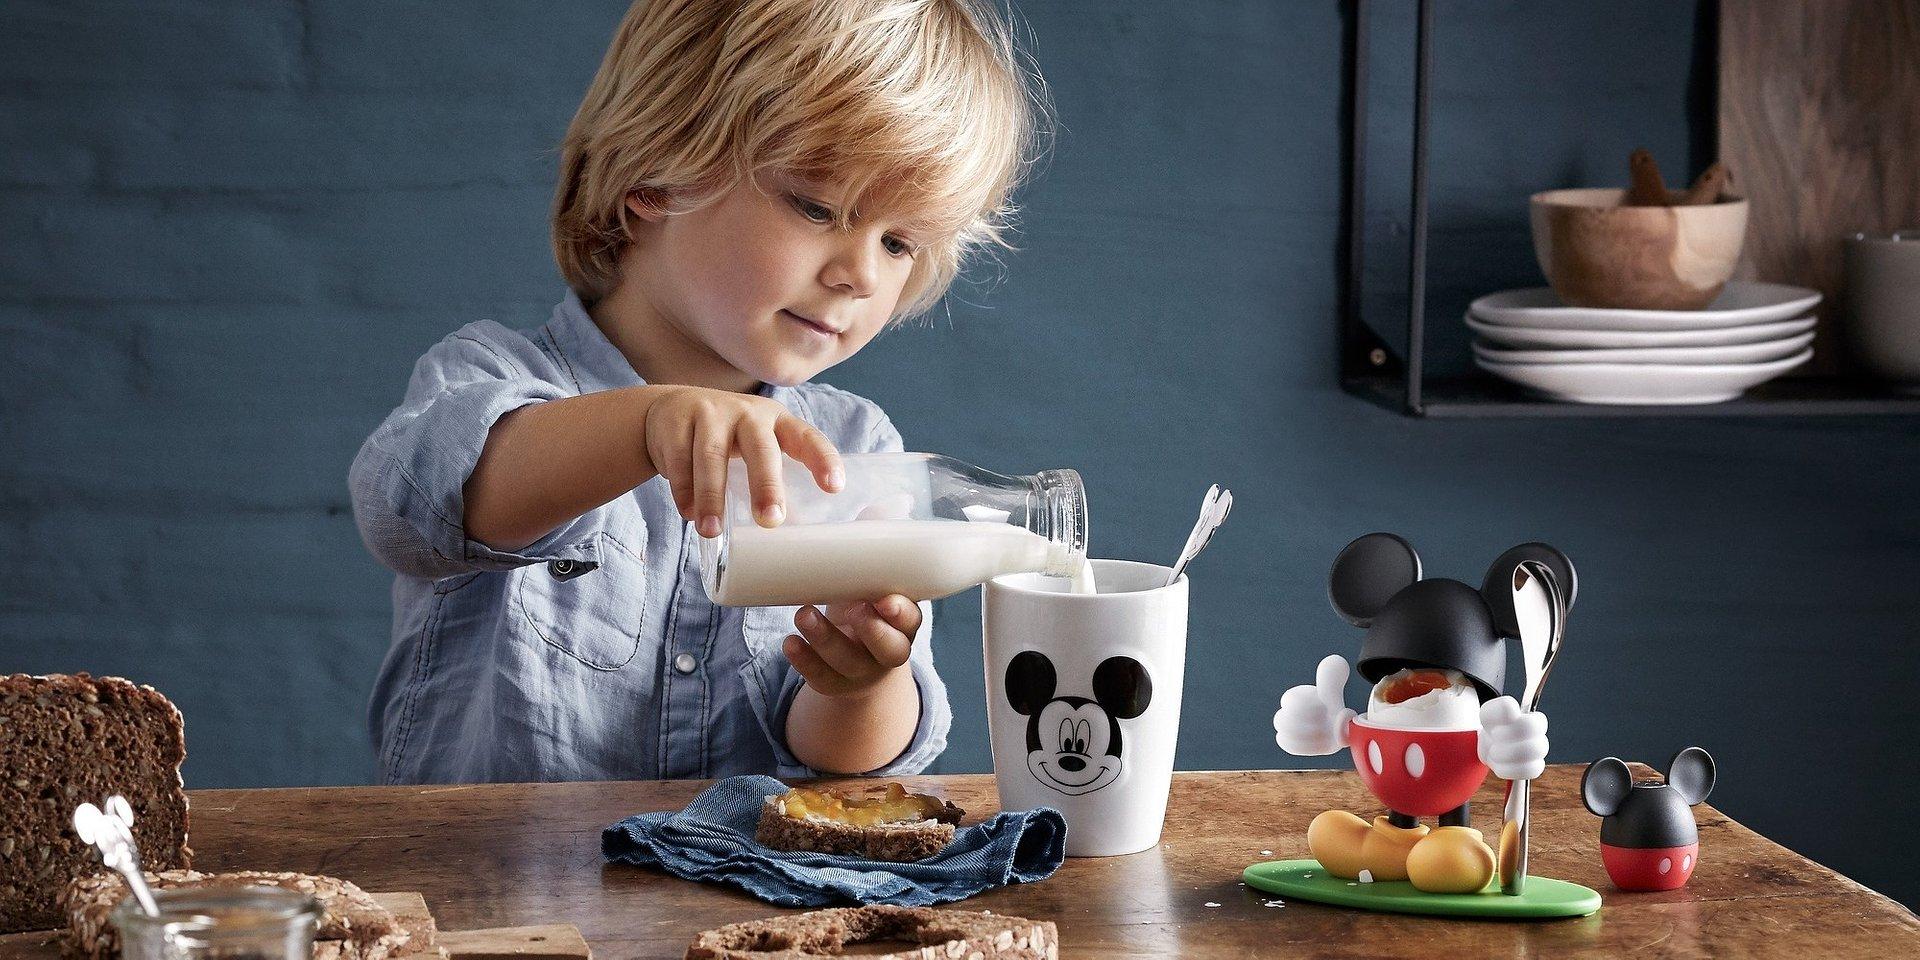 No Dia da Criança, prepare um Brunch especial com a ajuda da WMF